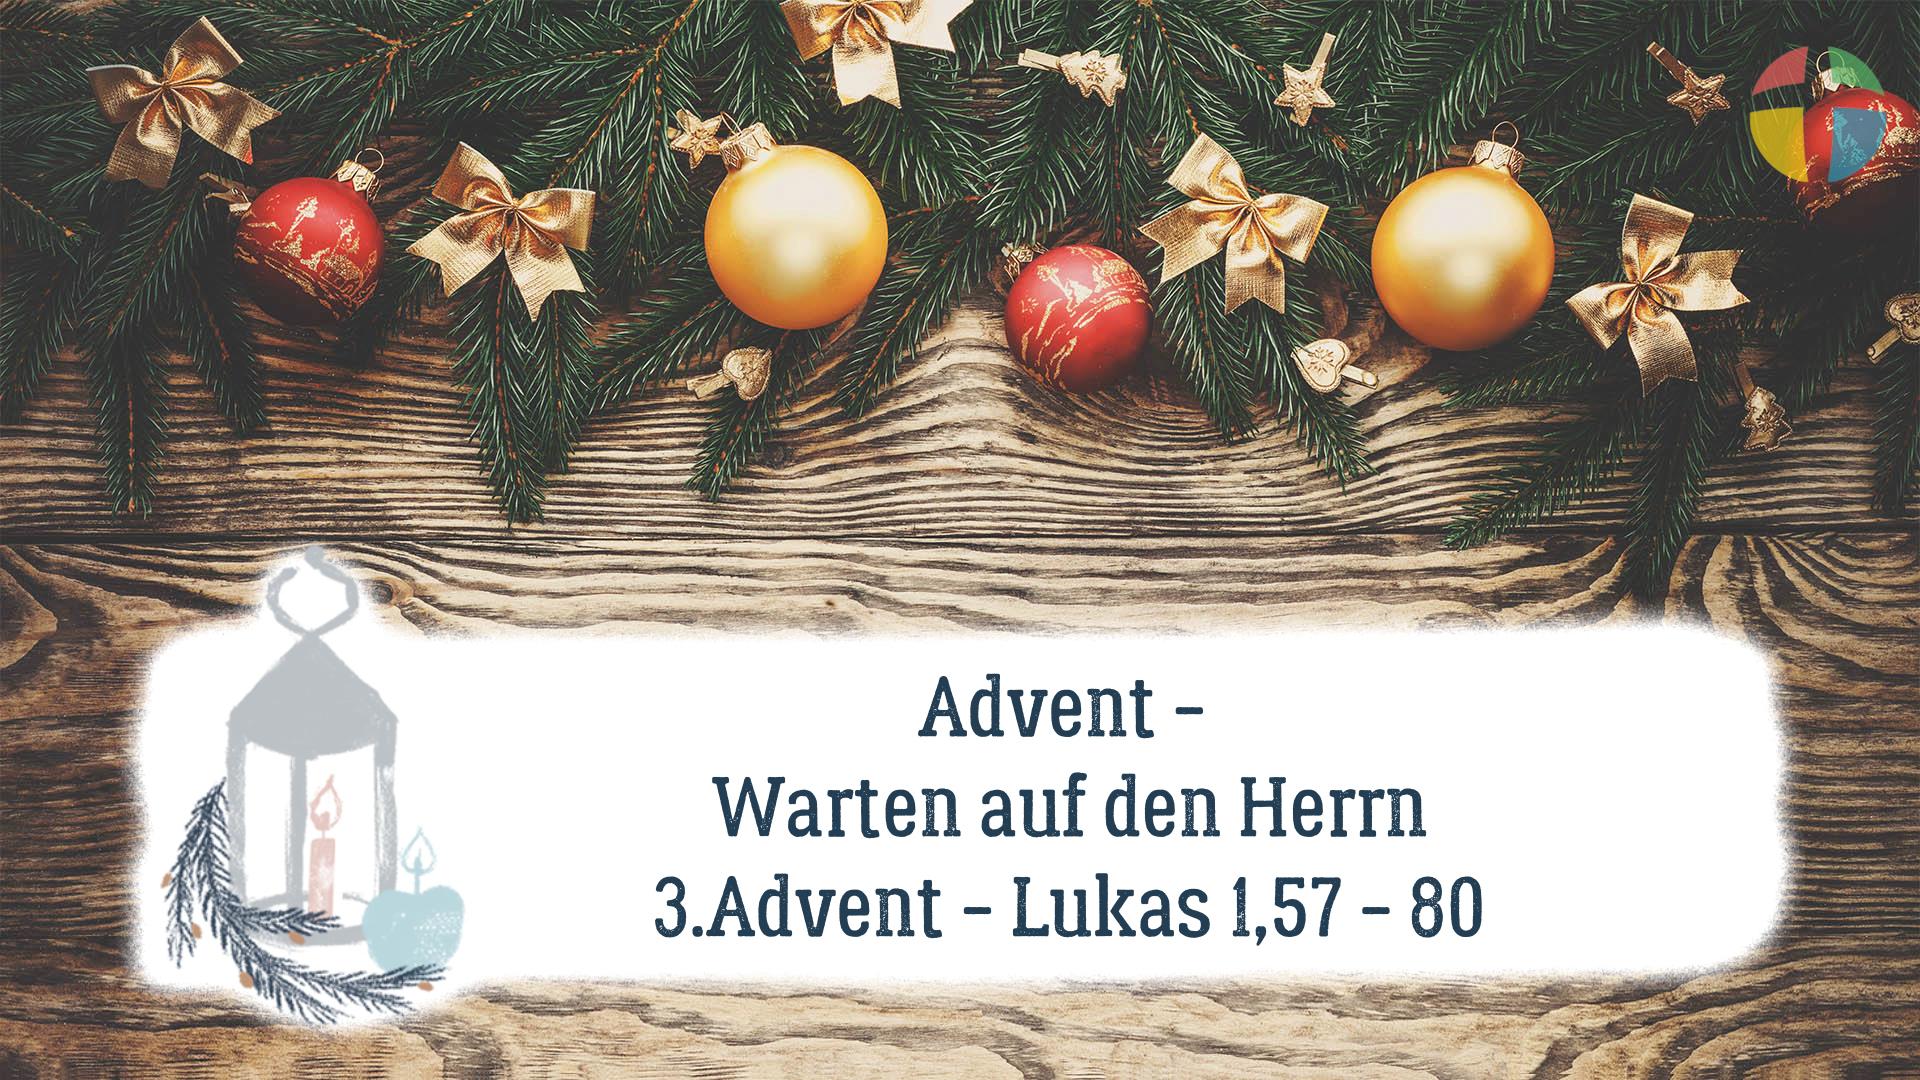 Warten auf den Herrn - 3. Advent